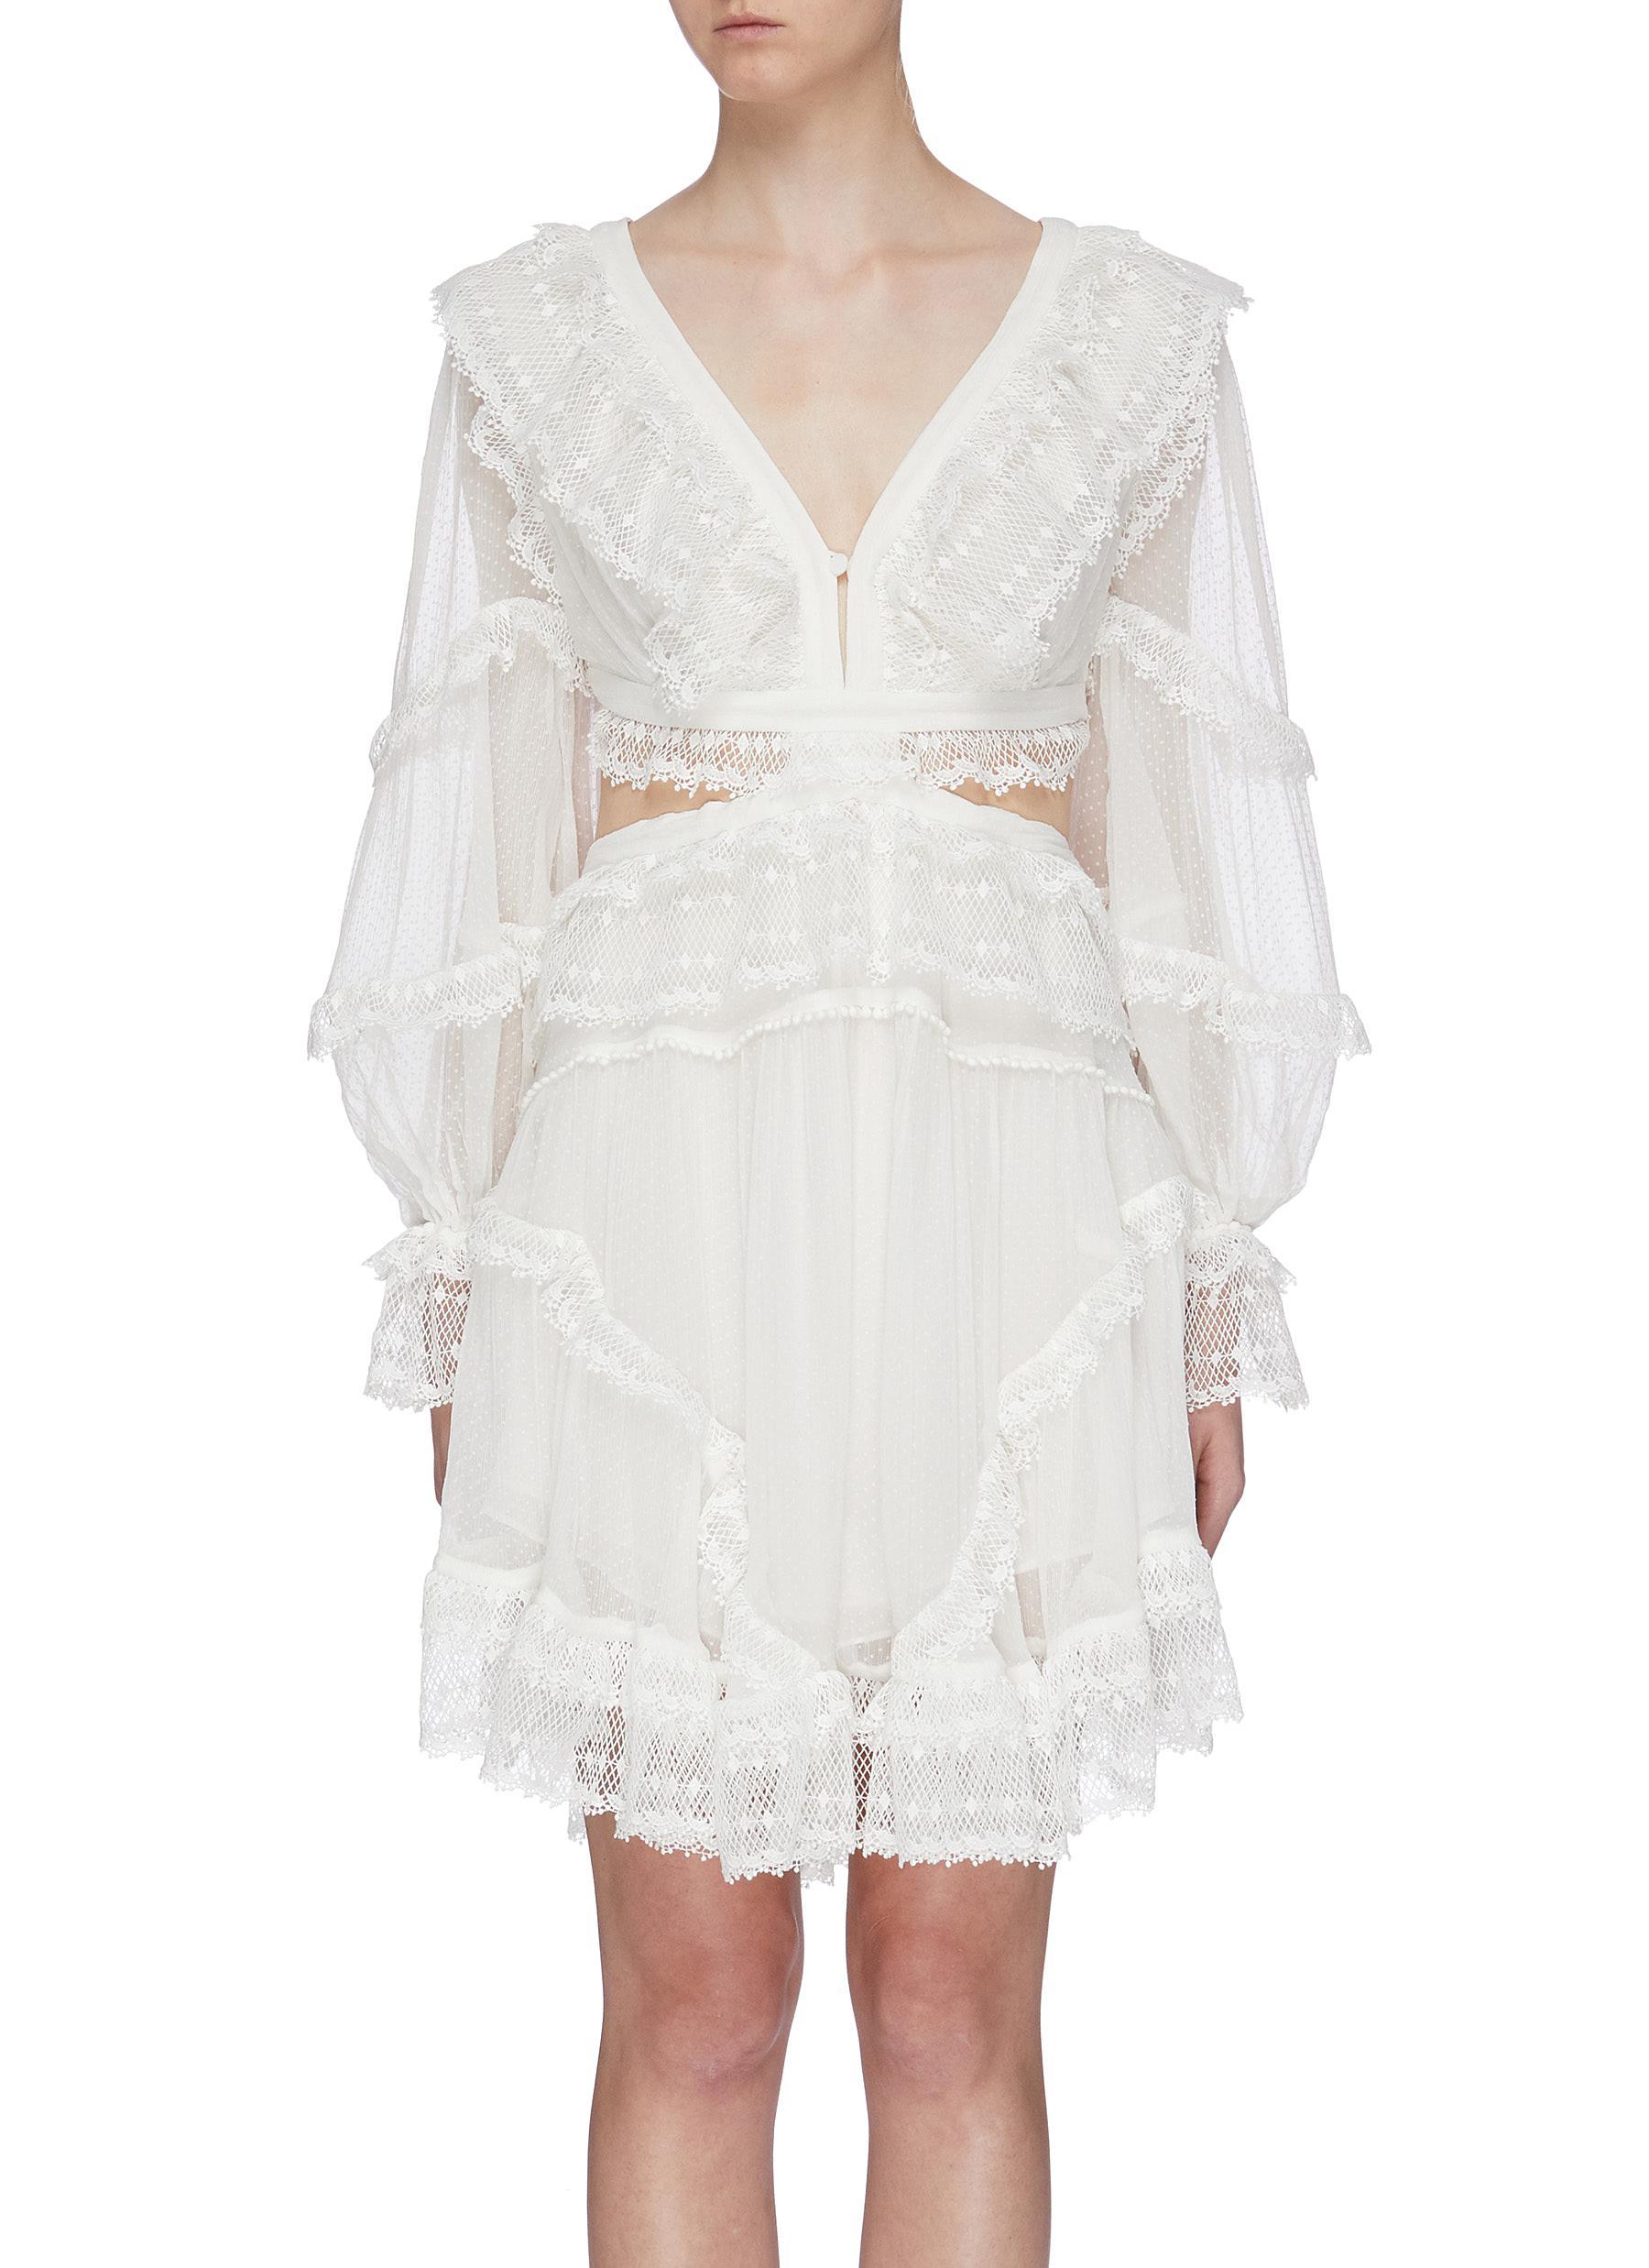 Suraya lace-up open back ruffle dress by Zimmermann